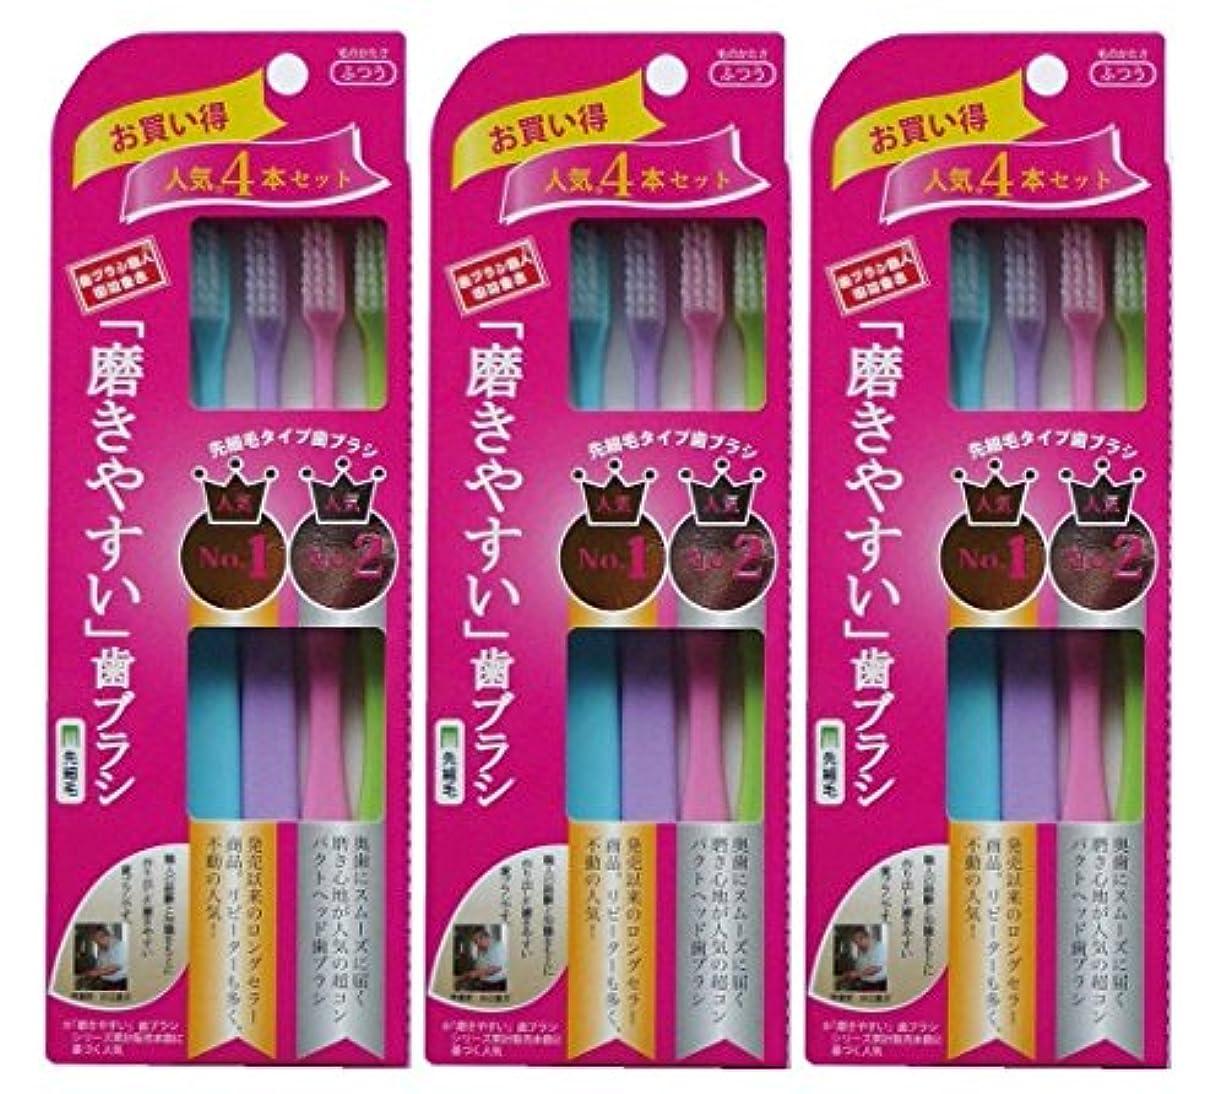 お祝い最も遠いチャレンジ磨きやすい歯ブラシ 人気 No.1 No.2 先細毛 LT-21 4本組×3個セット